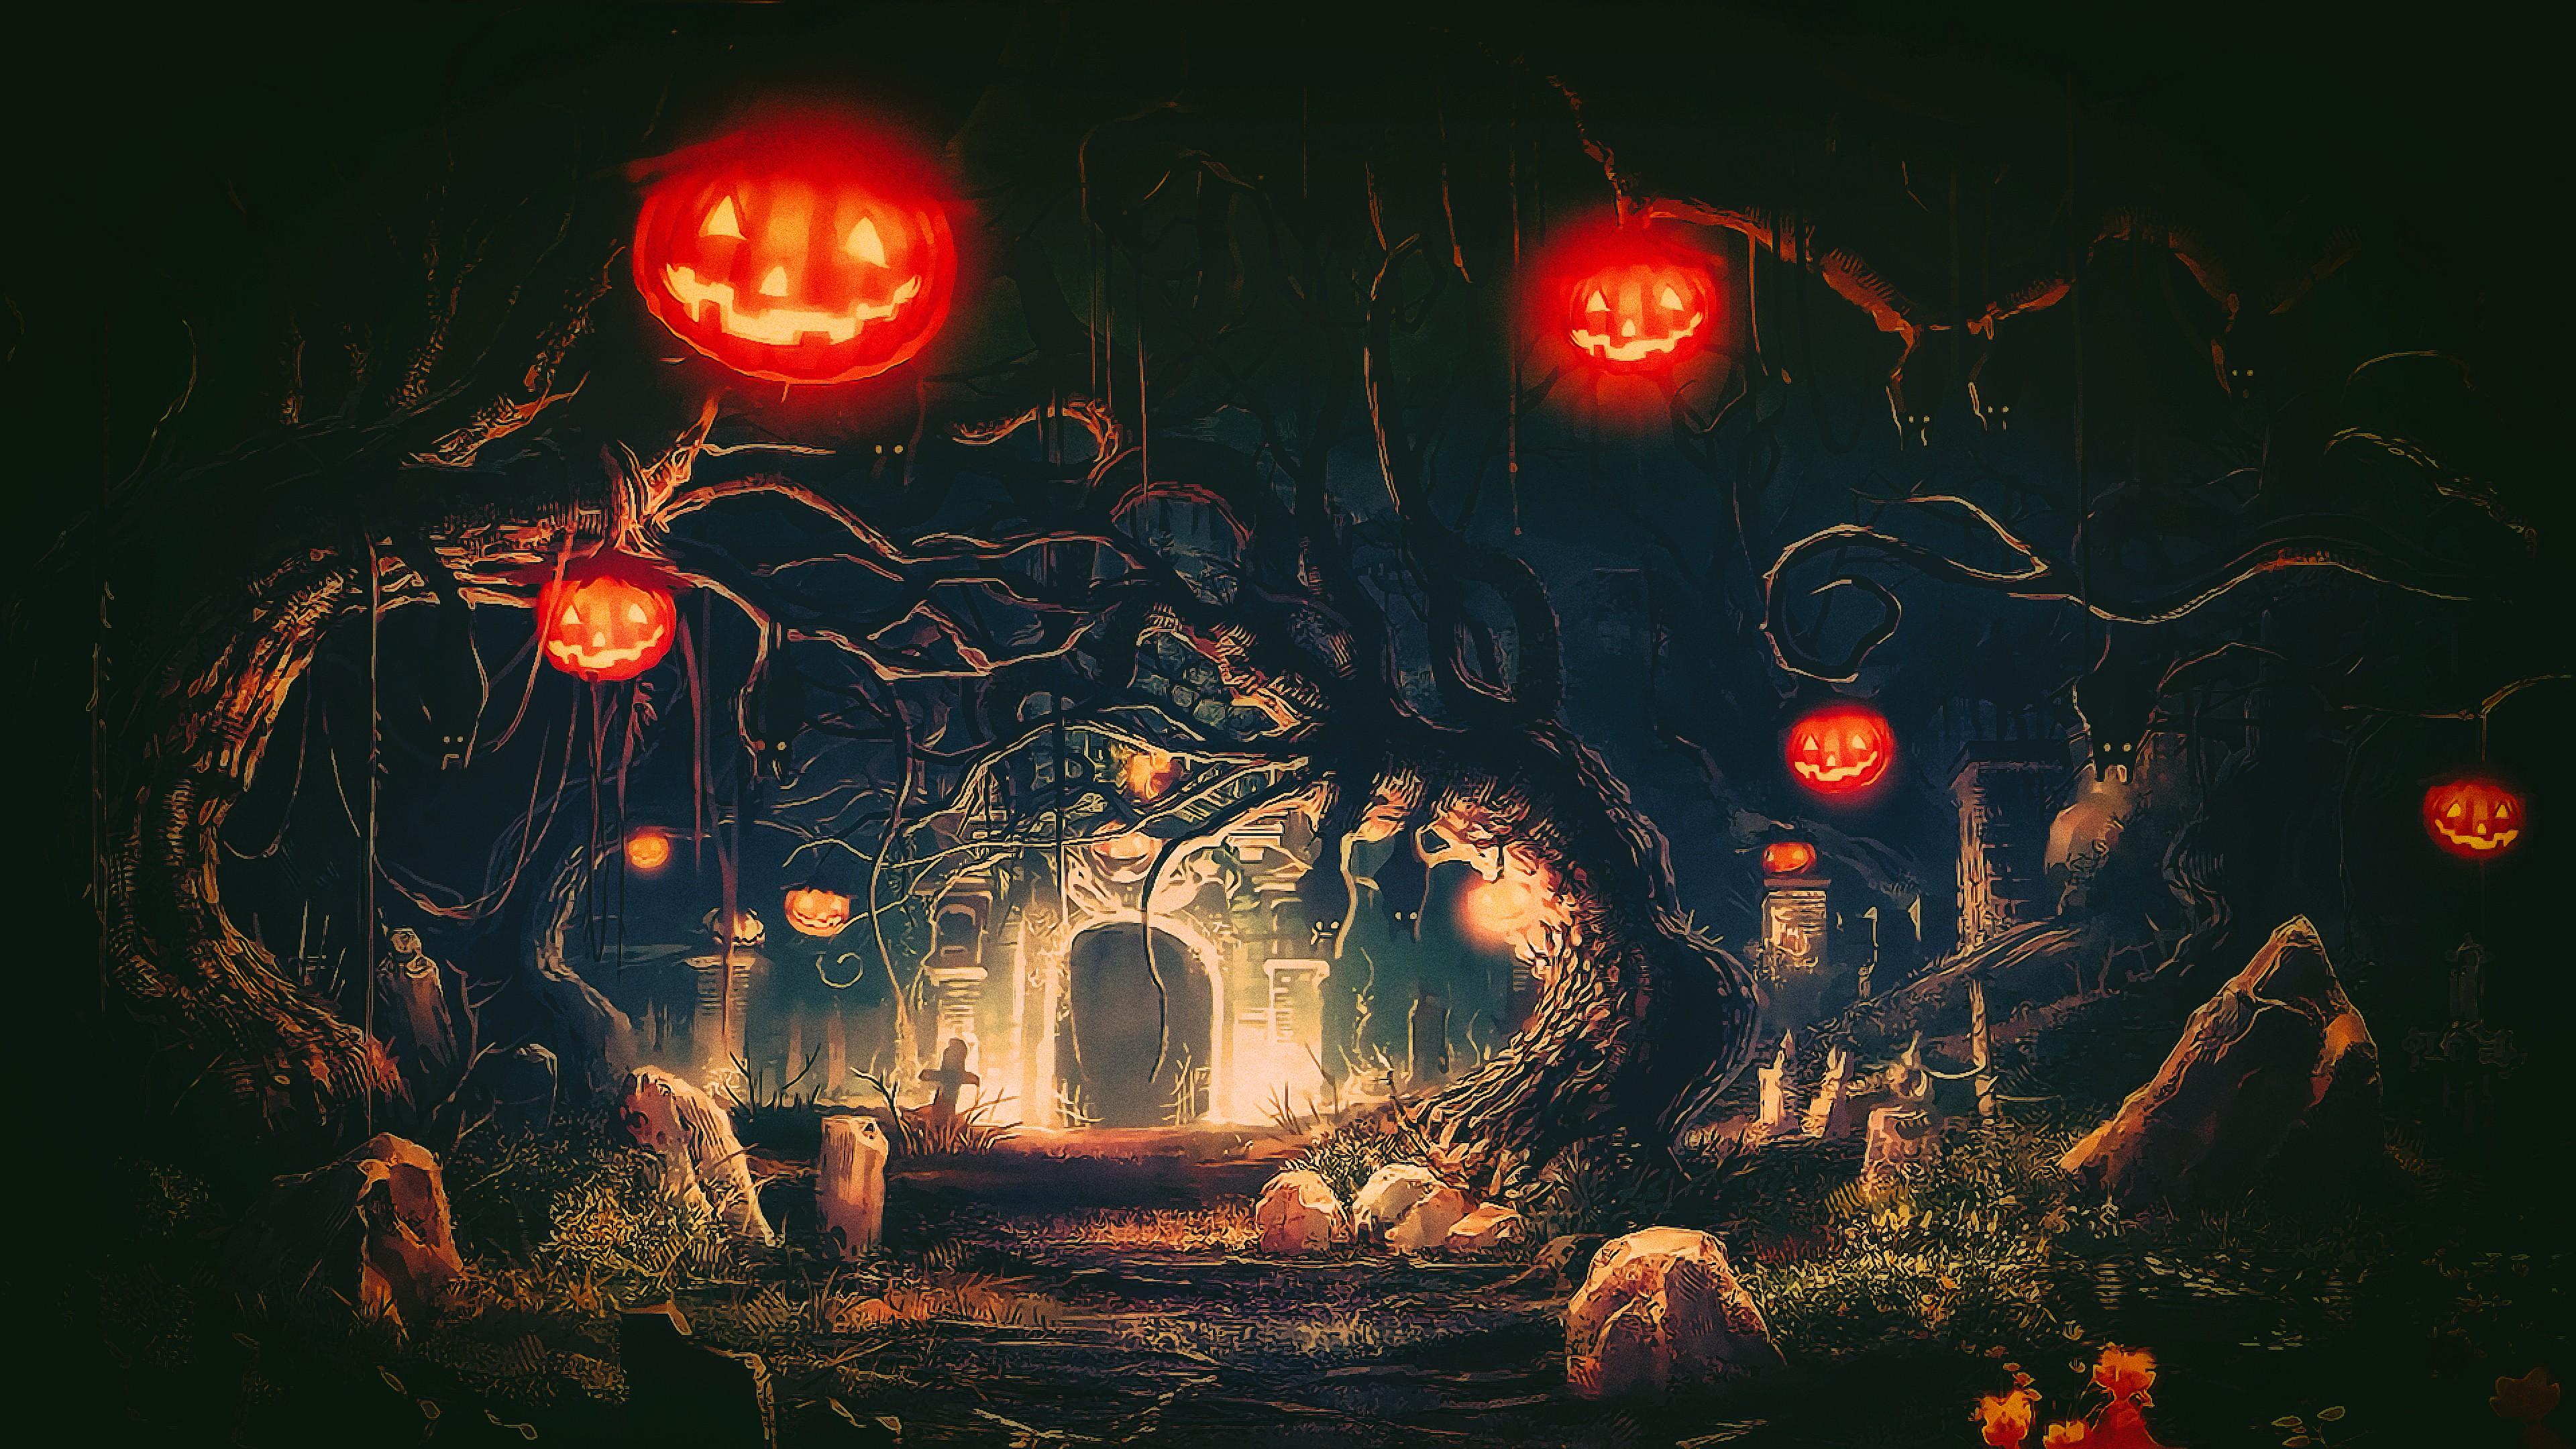 Beautiful Wallpaper Halloween Light - Photoshop-fantasy-art-night-Halloween-pumpkin-artwork-Terror-light-flower-lighting-darkness-screenshot-computer-wallpaper-christmas-decoration-16219  Image_218299.jpg